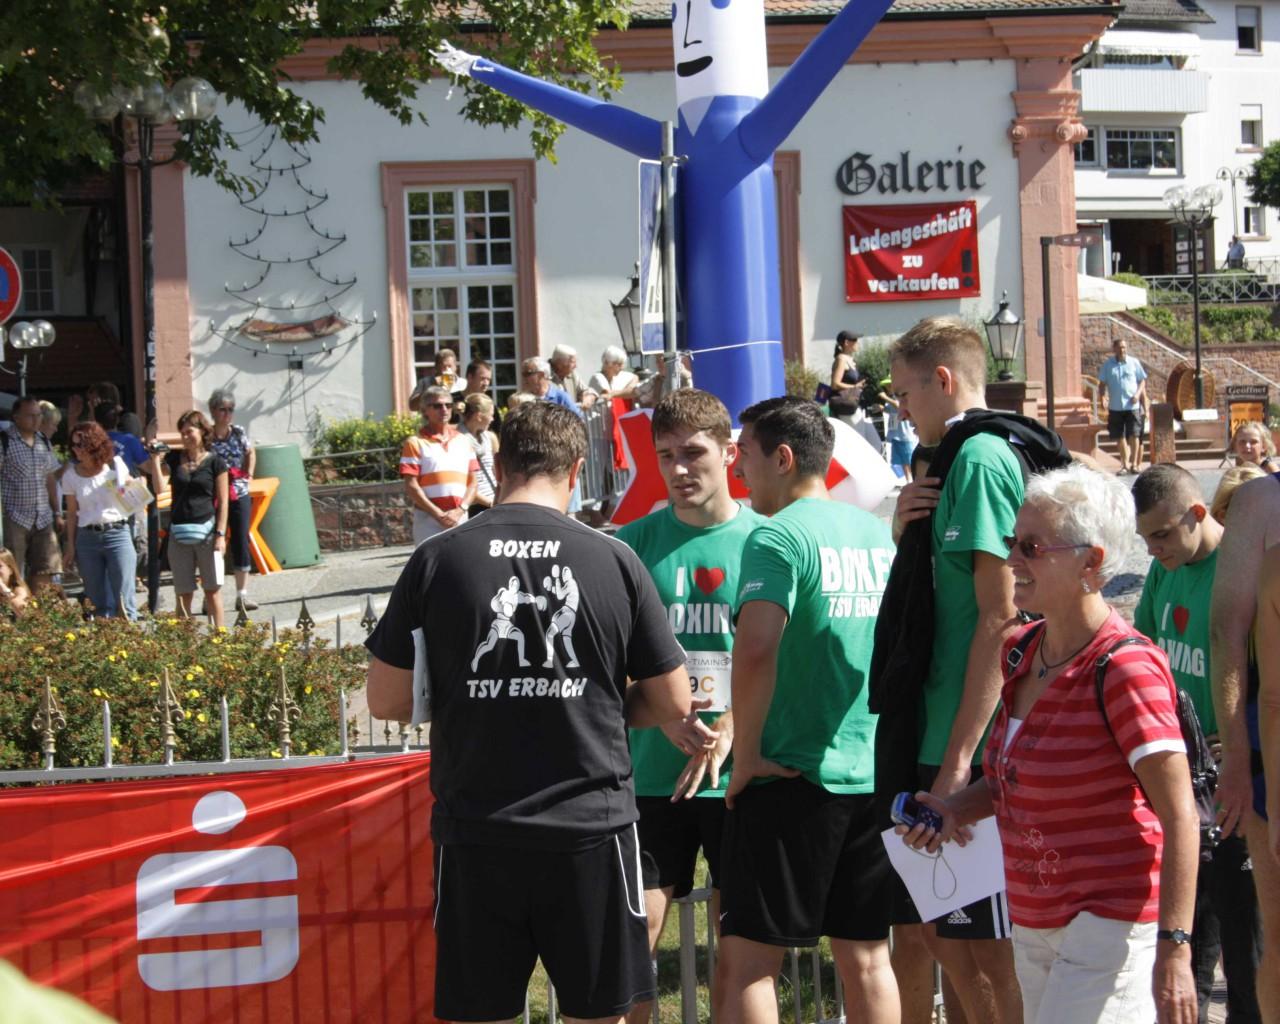 Erbacher_Stadtlauf_2012_TSV_Erbach_Boxen (18)